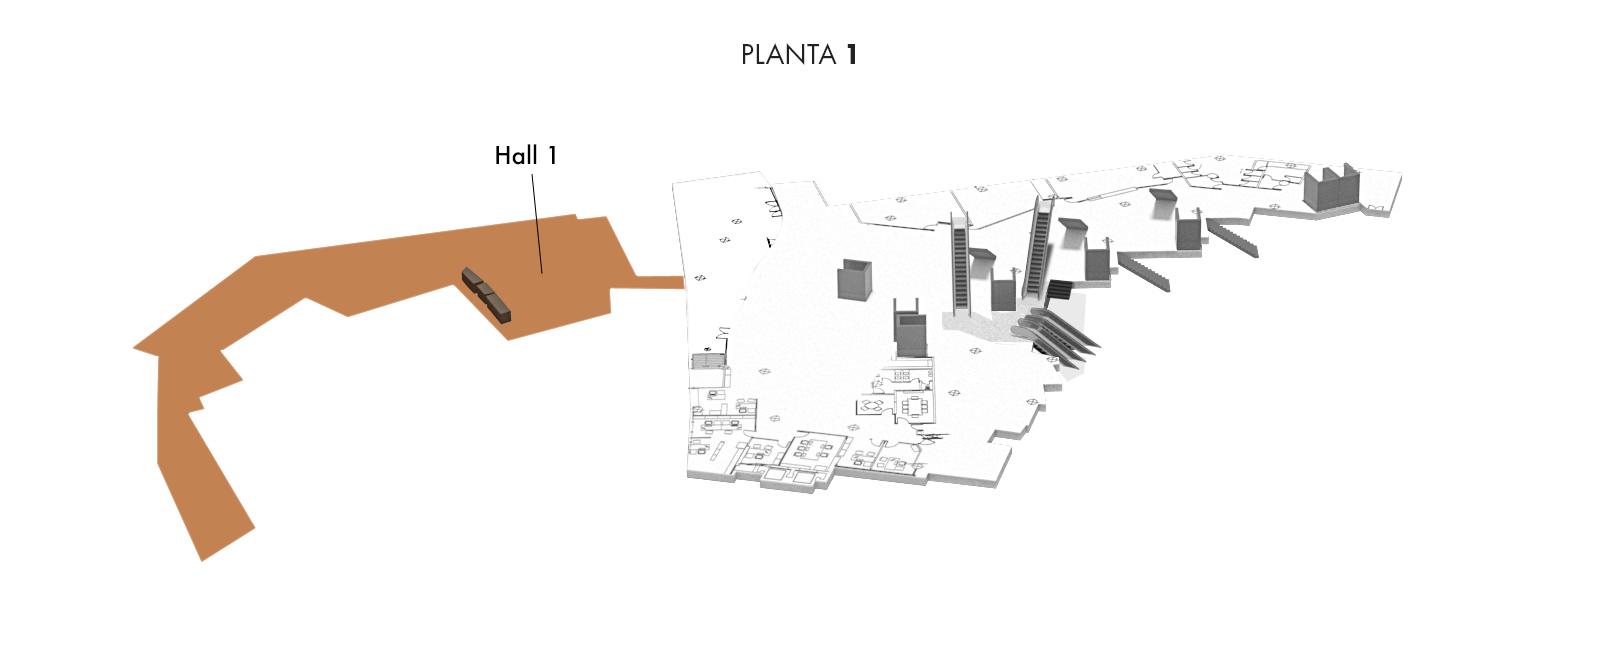 Hall 1, Planta 1 | Palacio Euskalduna Jauregia